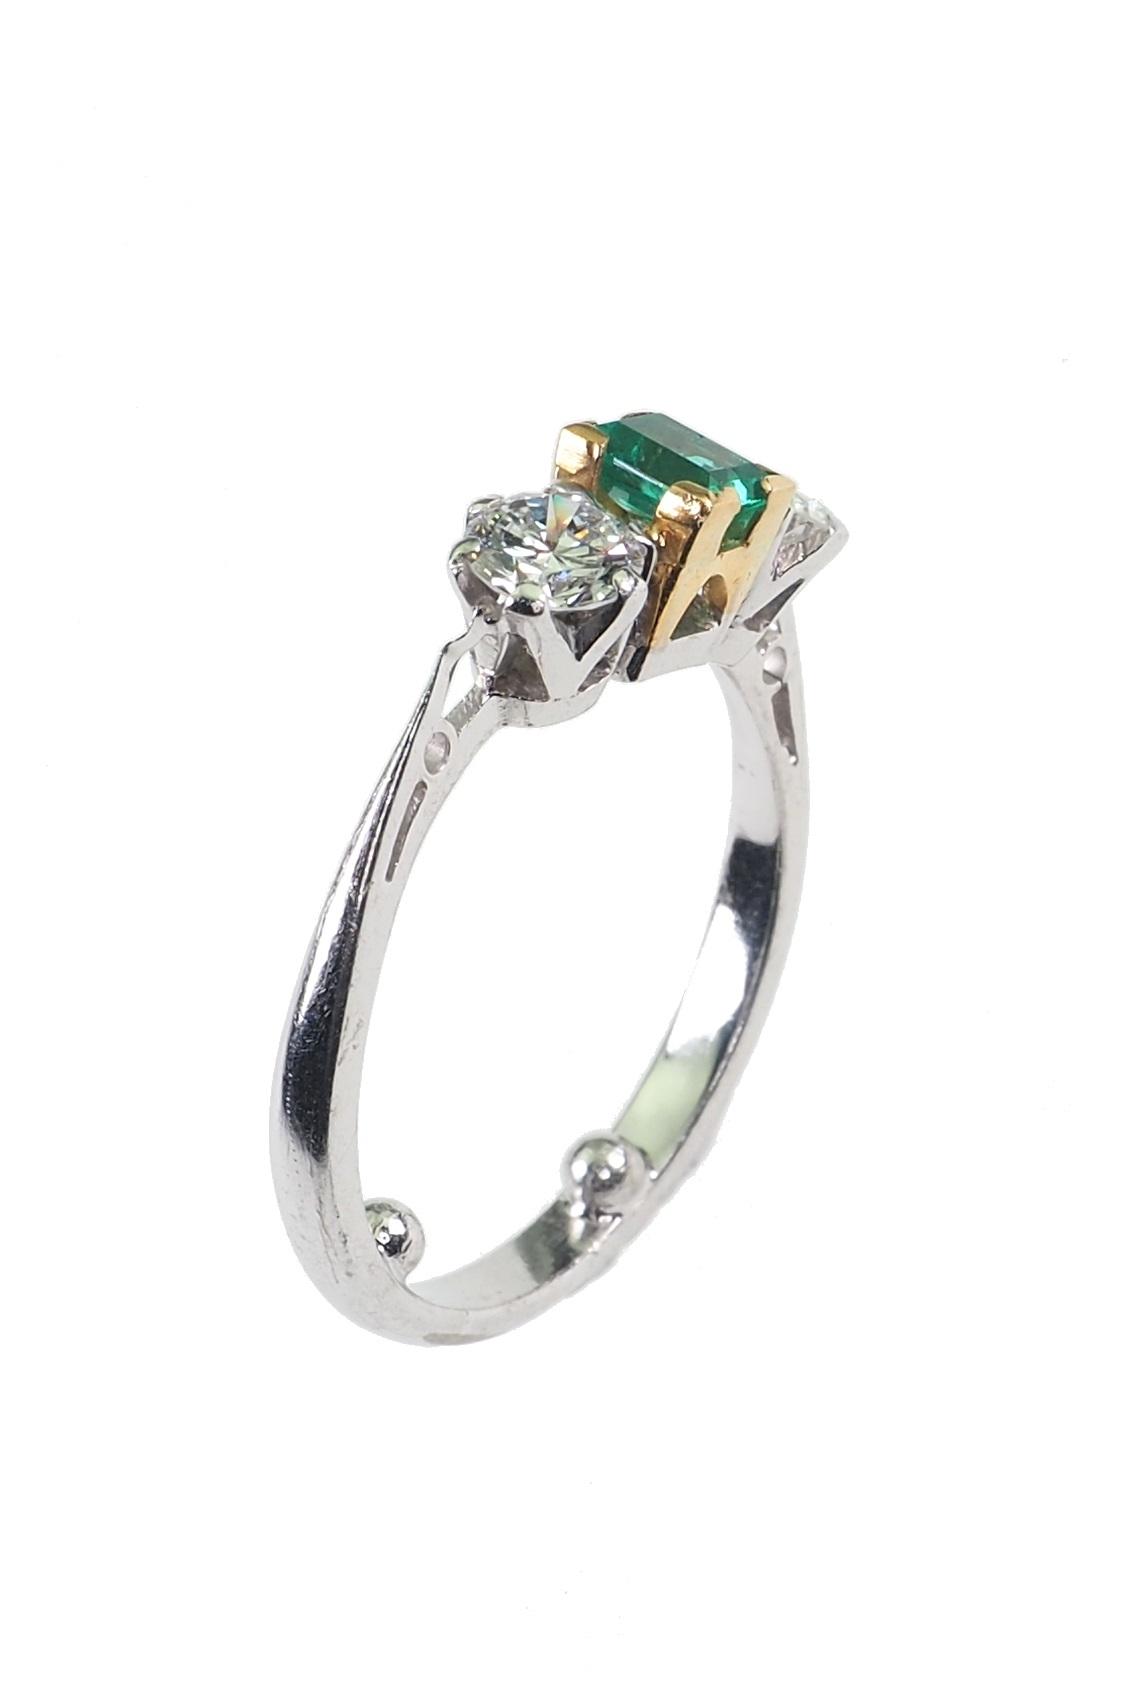 Smaragdringe-online-kaufen-0756b